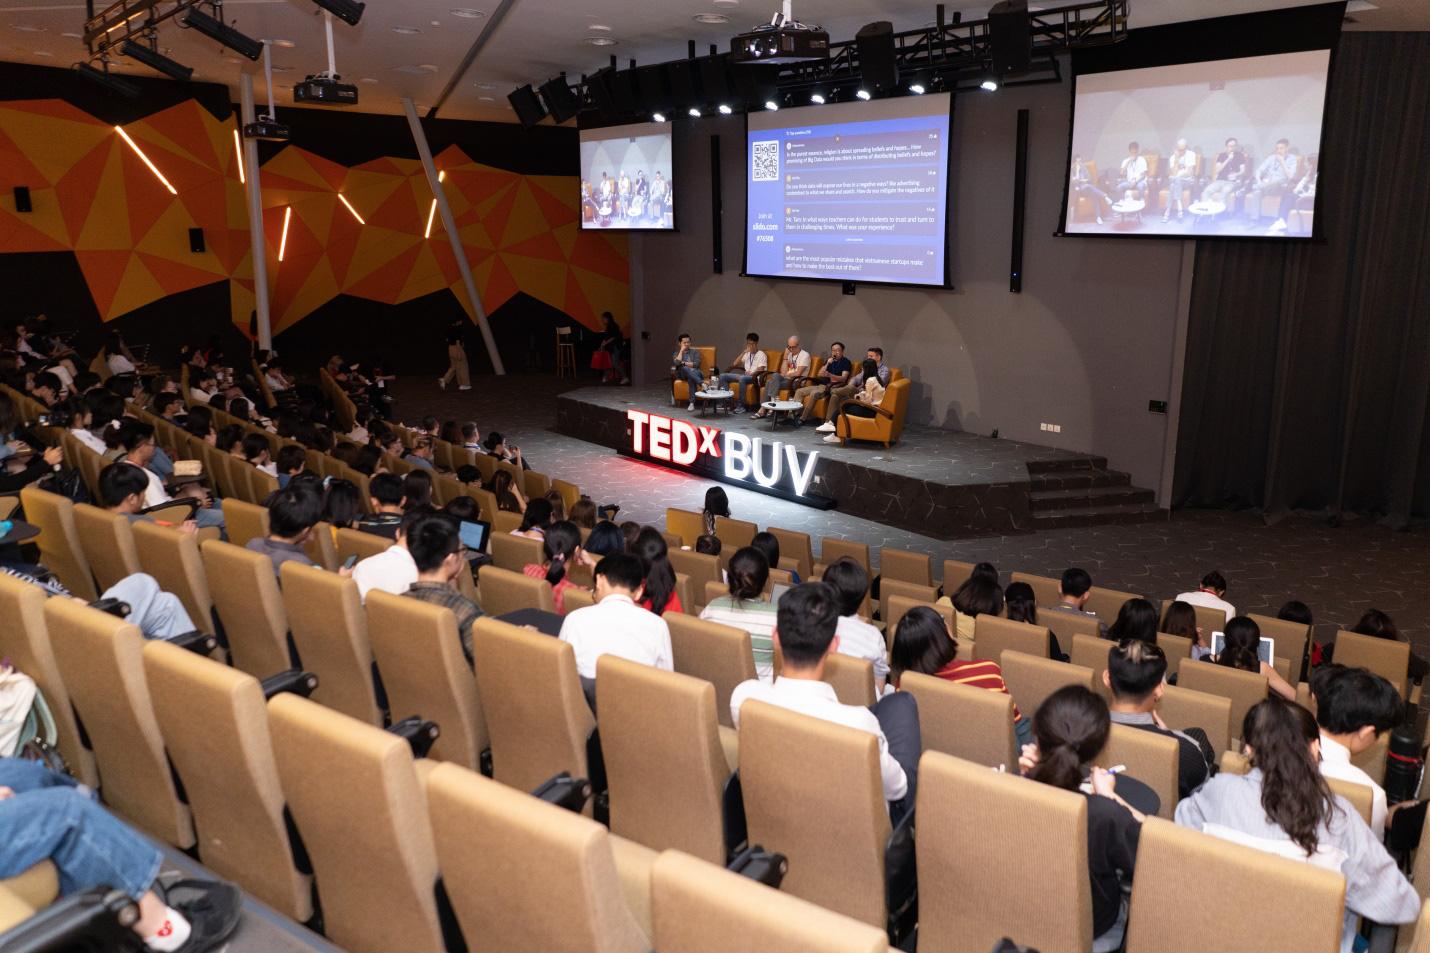 """TEDxBUV: """"Press Play"""" – Chương trình diễn thuyết tầm cỡ quốc tế mang đậm dấu ấn sinh viên - Ảnh 2."""